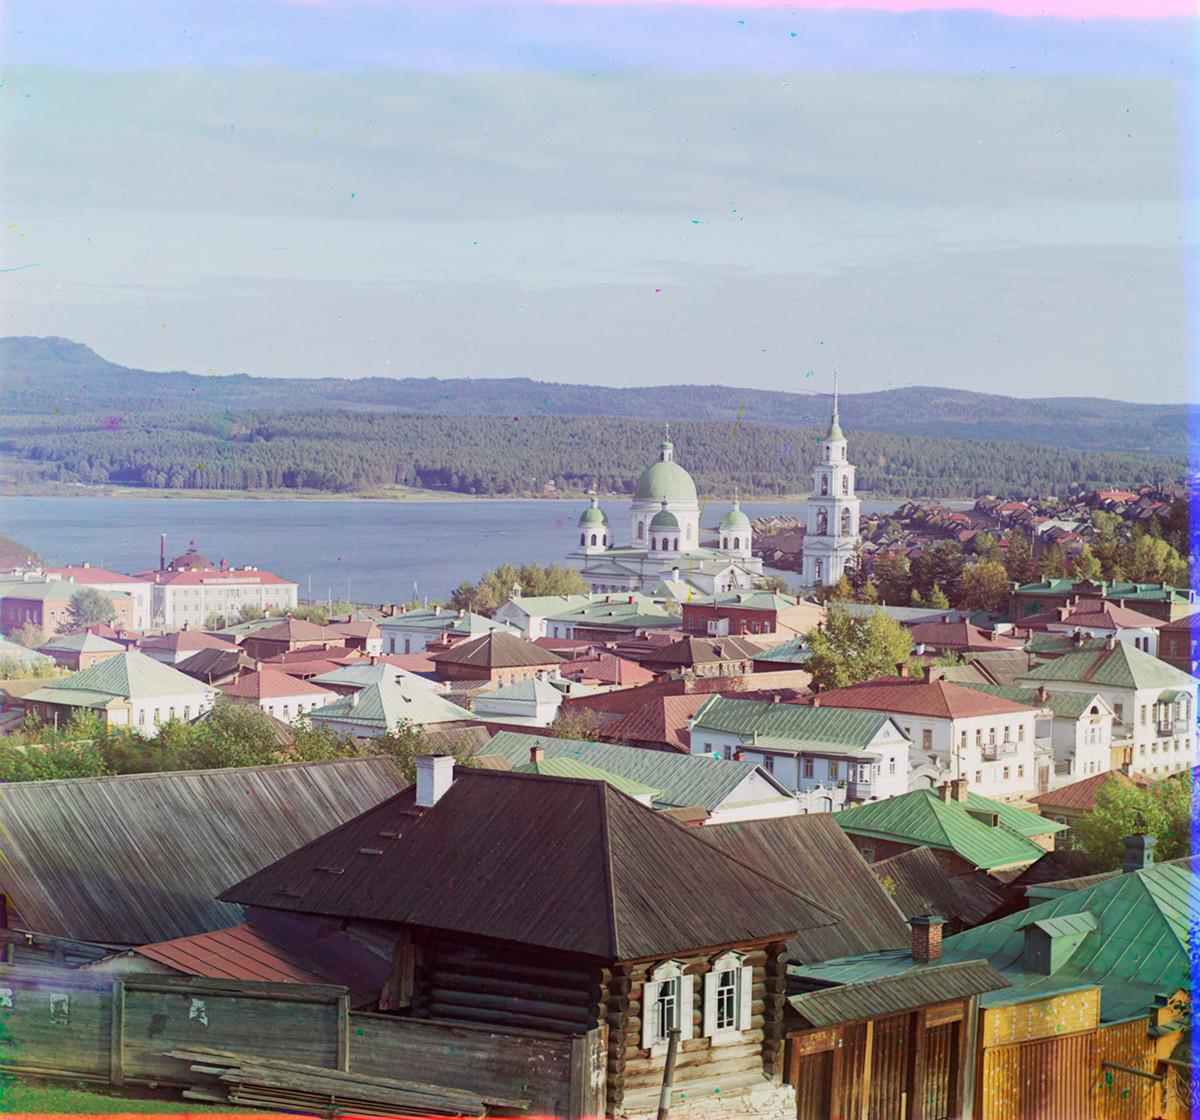 Zlatoúst. Vista desde el Observatorio hacia el sureste con la Catedral de la Trinidad y el estanque de la ciudad en el río Ai. 1909.